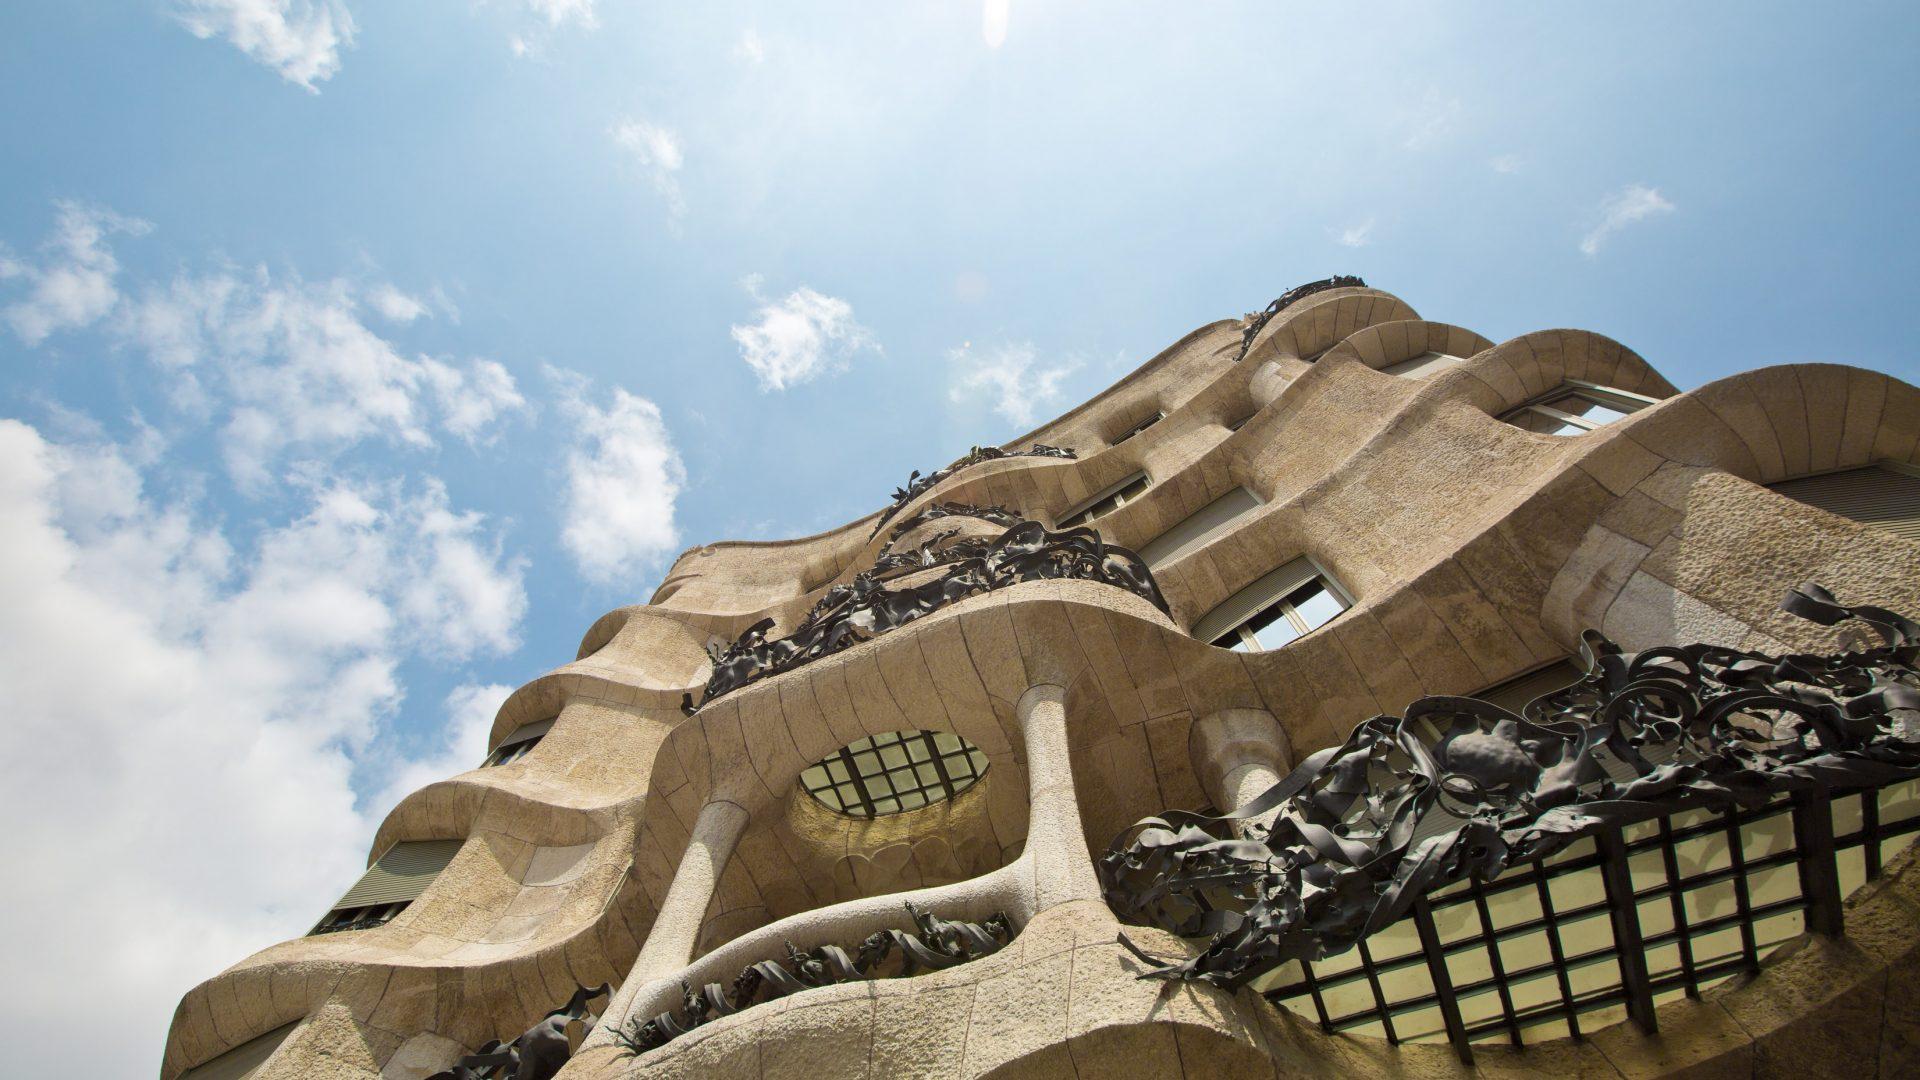 La Pedrera, Casa Mila, Barcelona on a sunny day